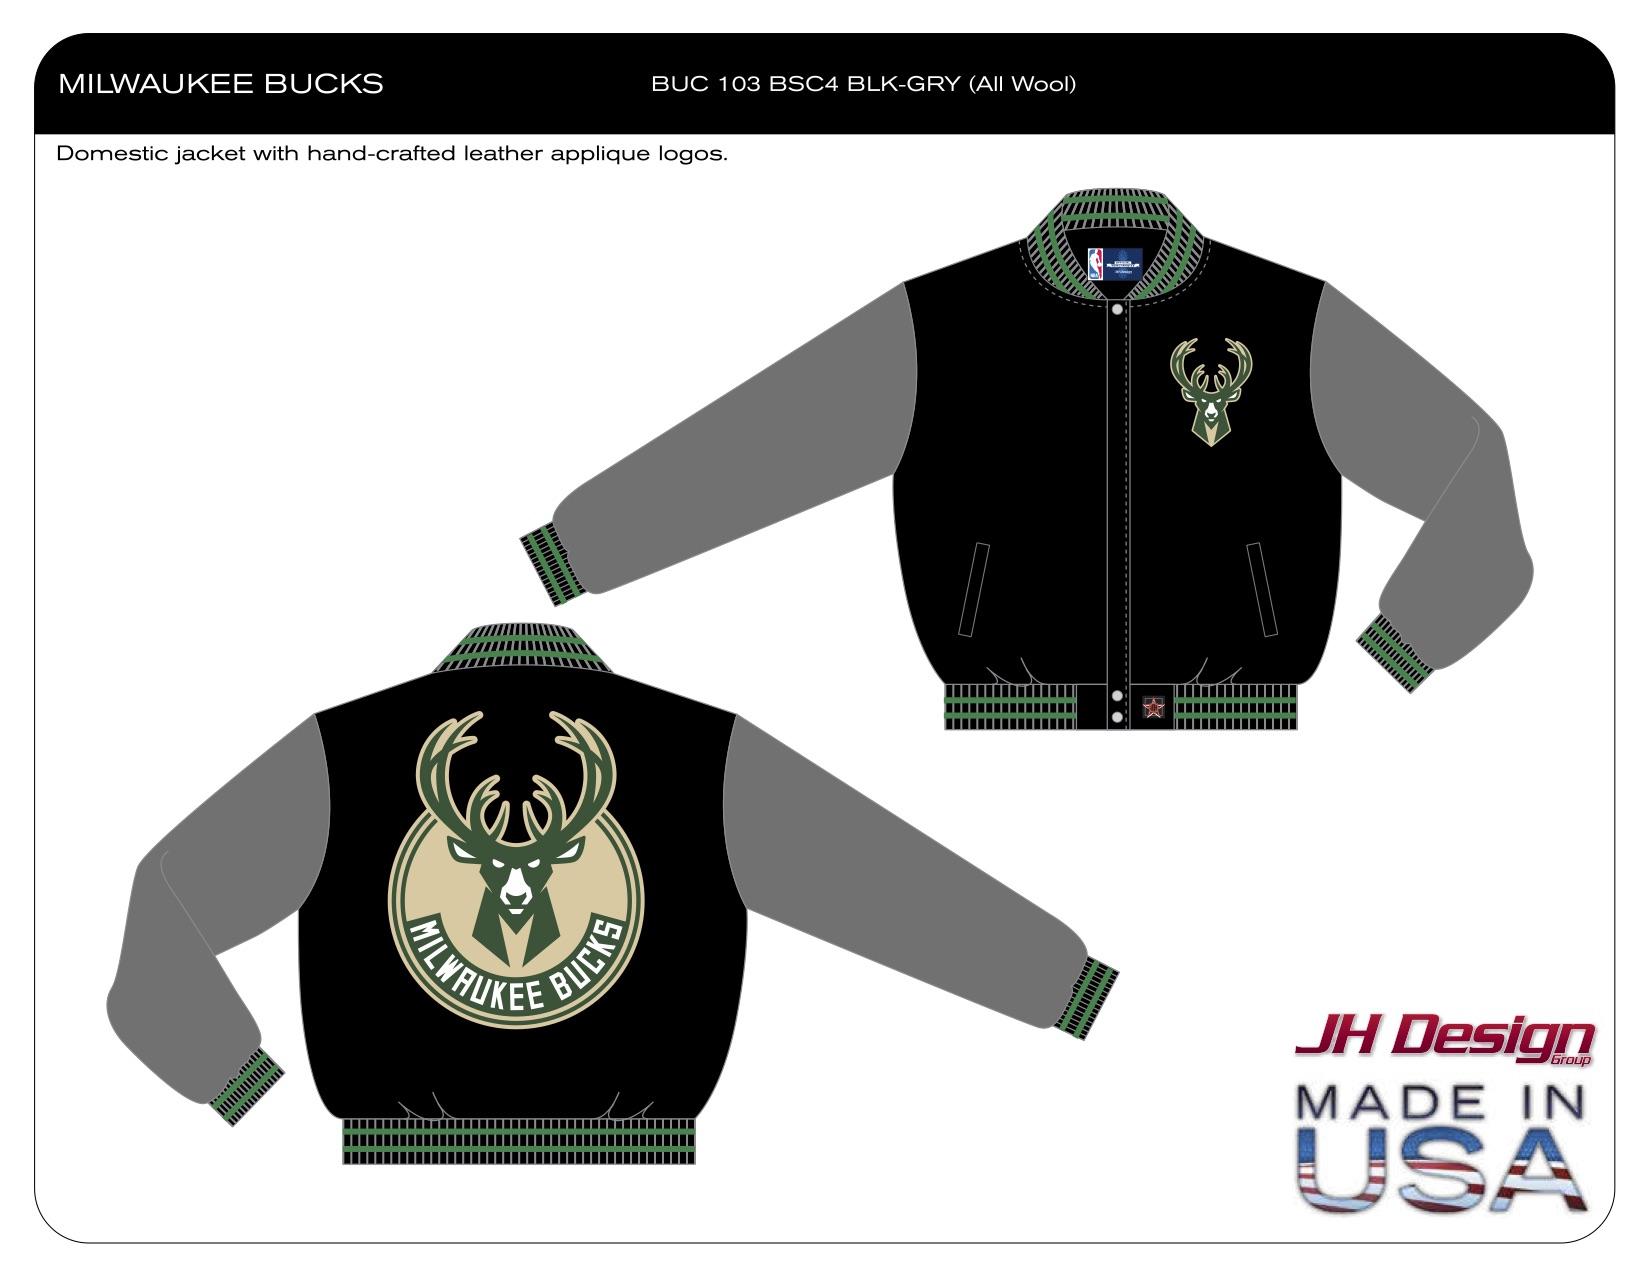 BUC 103 BSC4 BLK-GRY